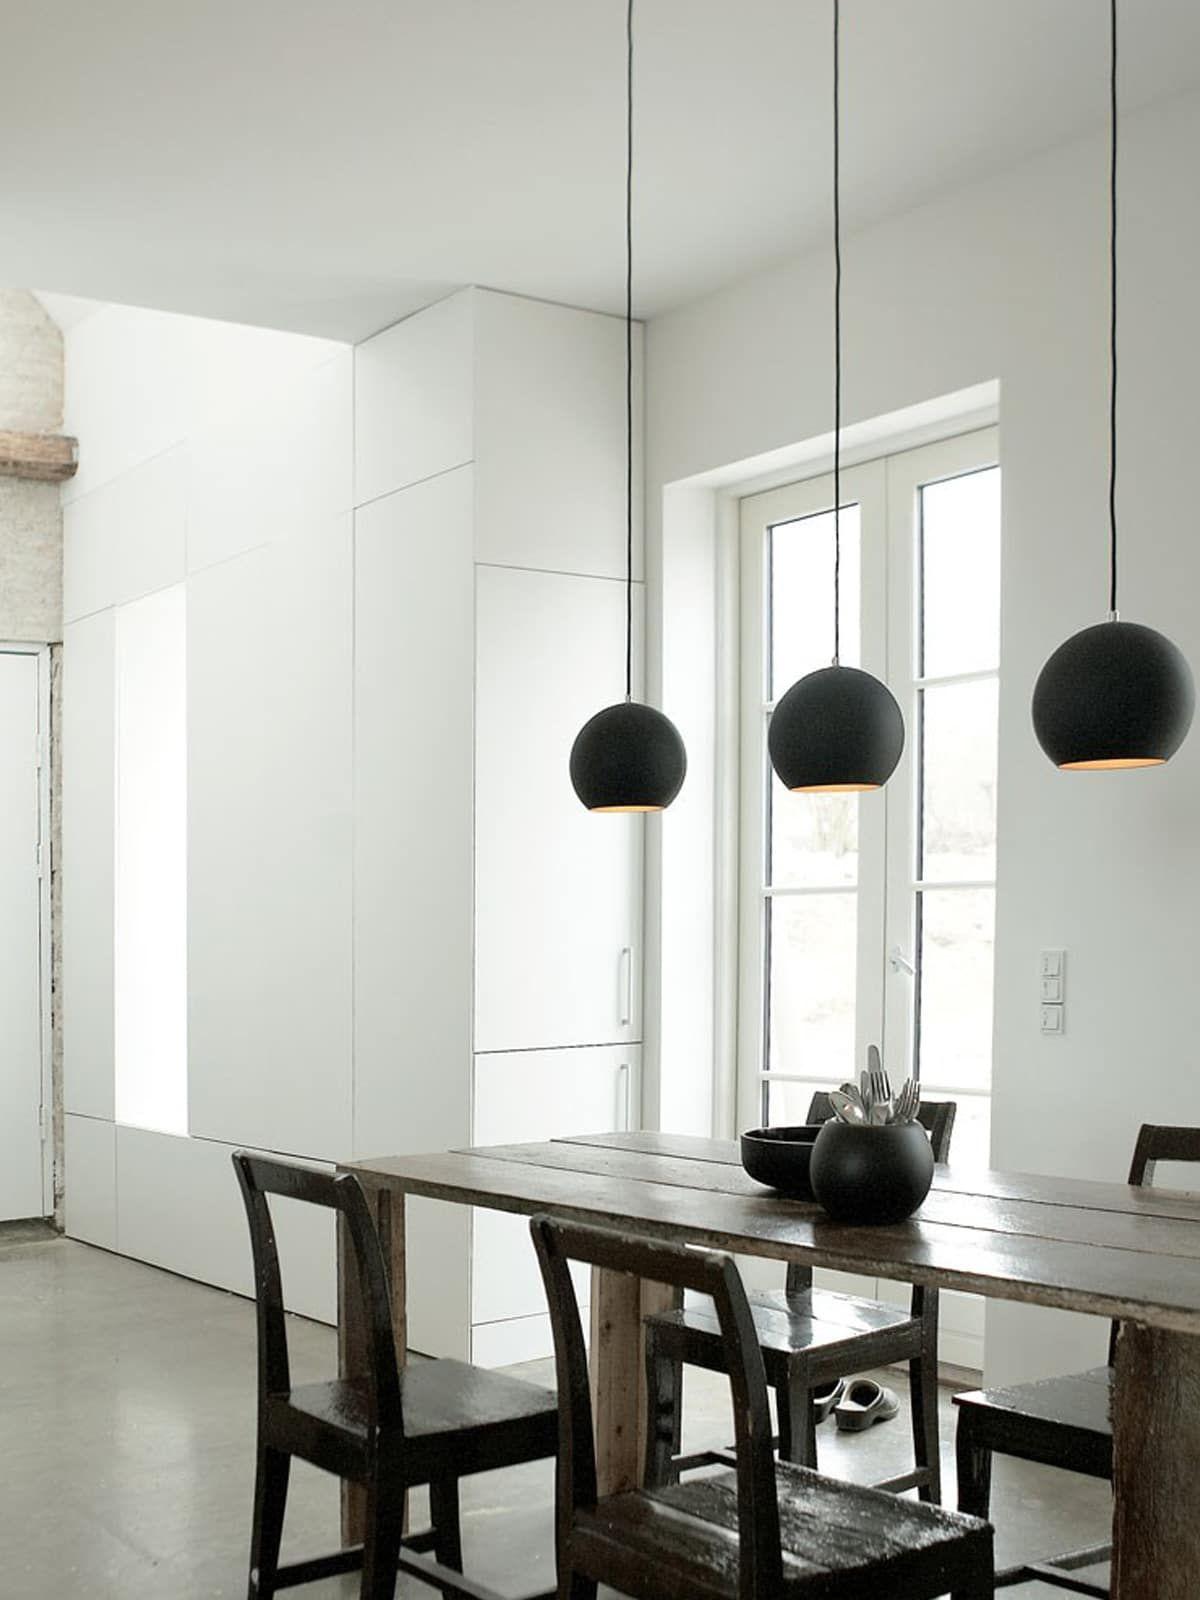 Full Size of Küchenlampen Moderne Kchenlampen Bei Designort Teil 2 Badezimmer Esszimmer Wohnzimmer Küchenlampen